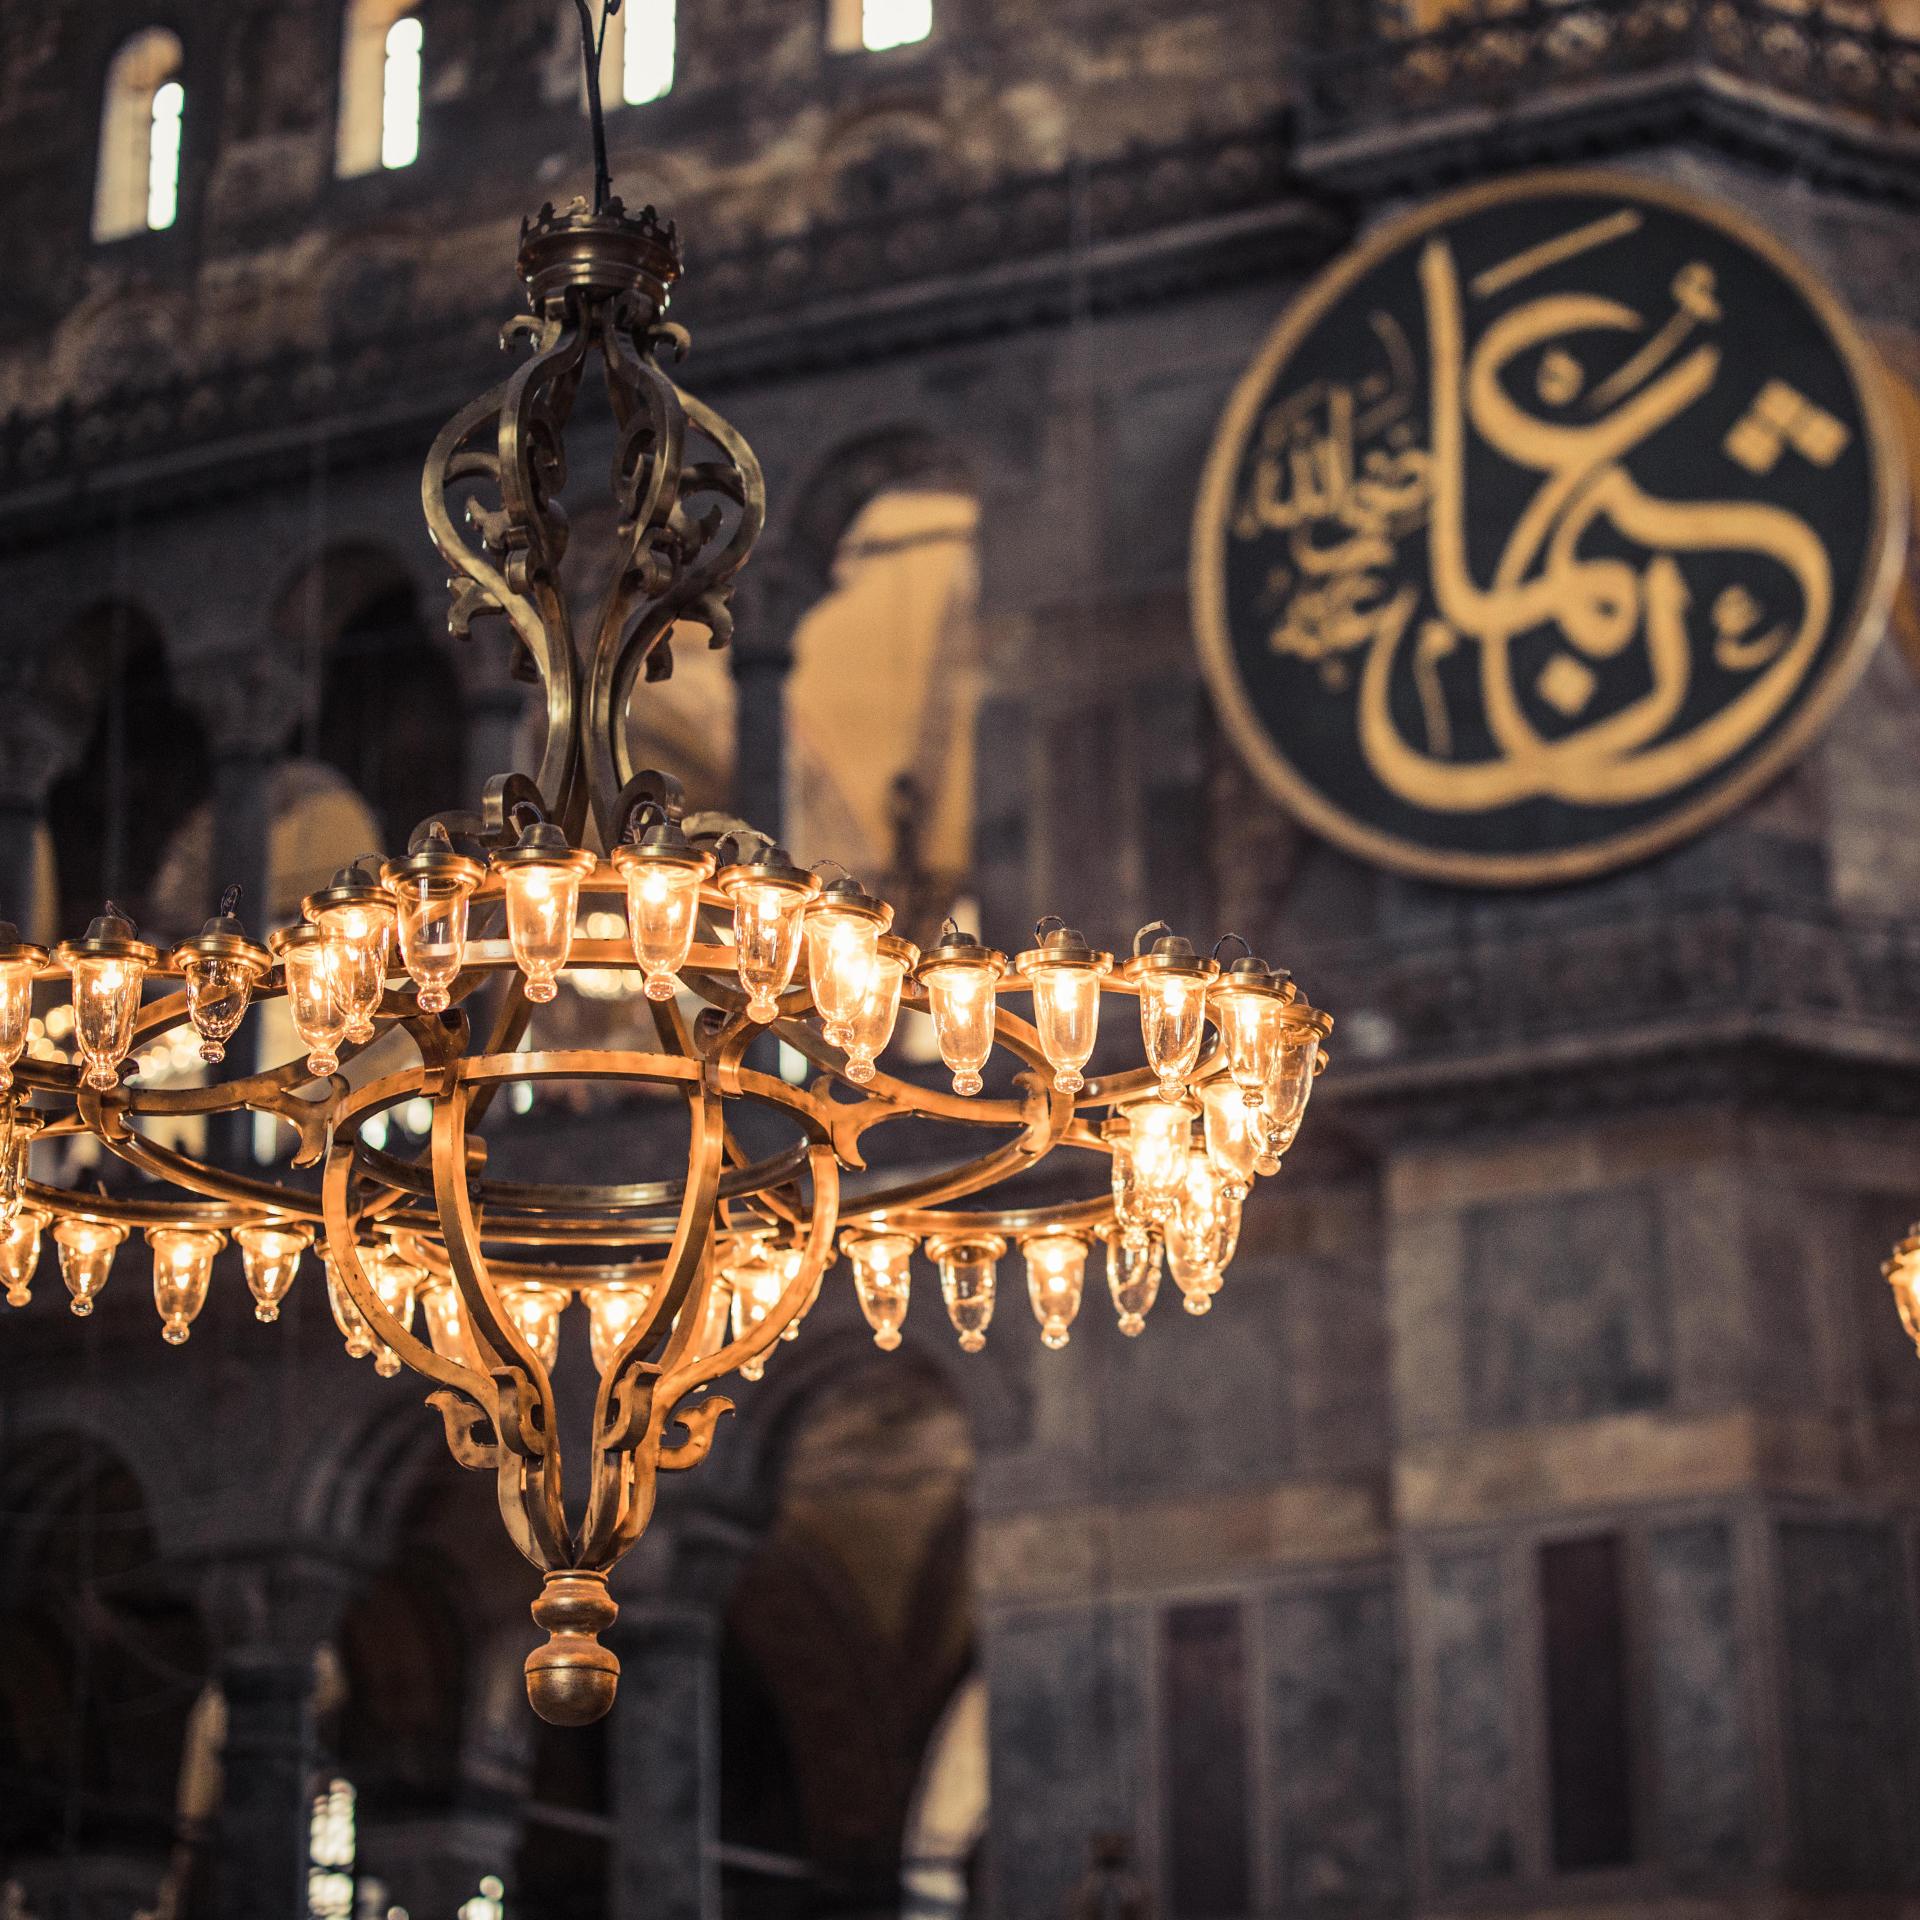 沐樂旅遊,土耳其,聖索菲亞,藍色清真寺,伊斯坦堡